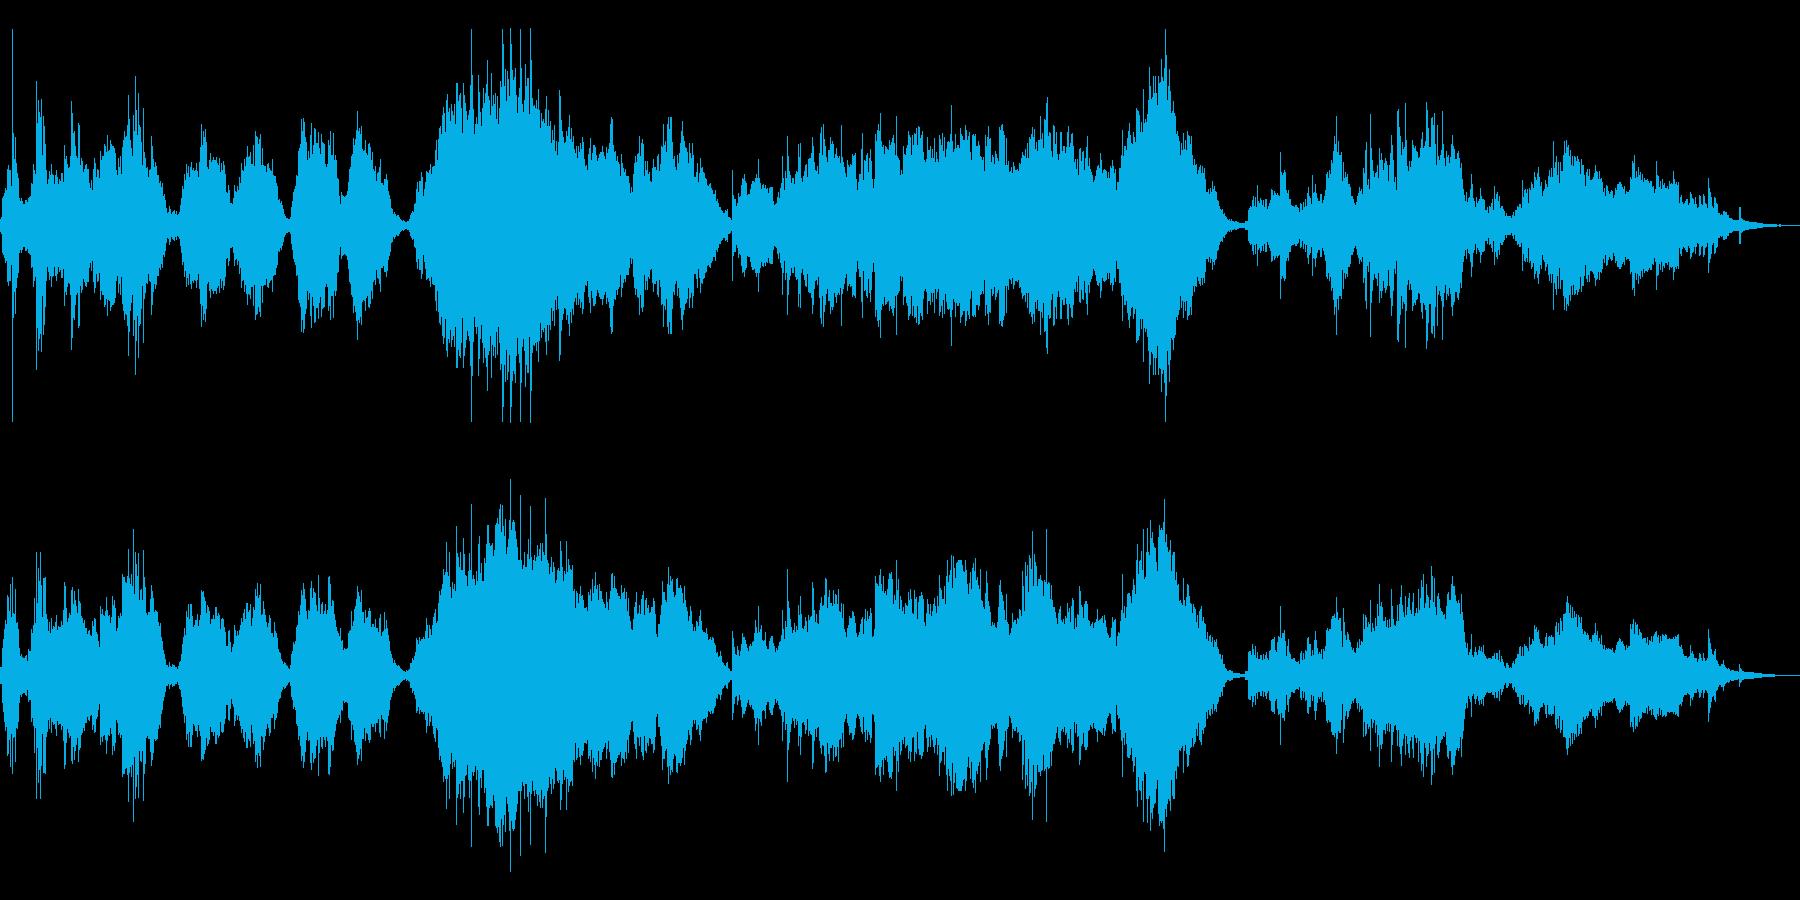 ドビュッシー「アラベスク」絃楽アレンジの再生済みの波形